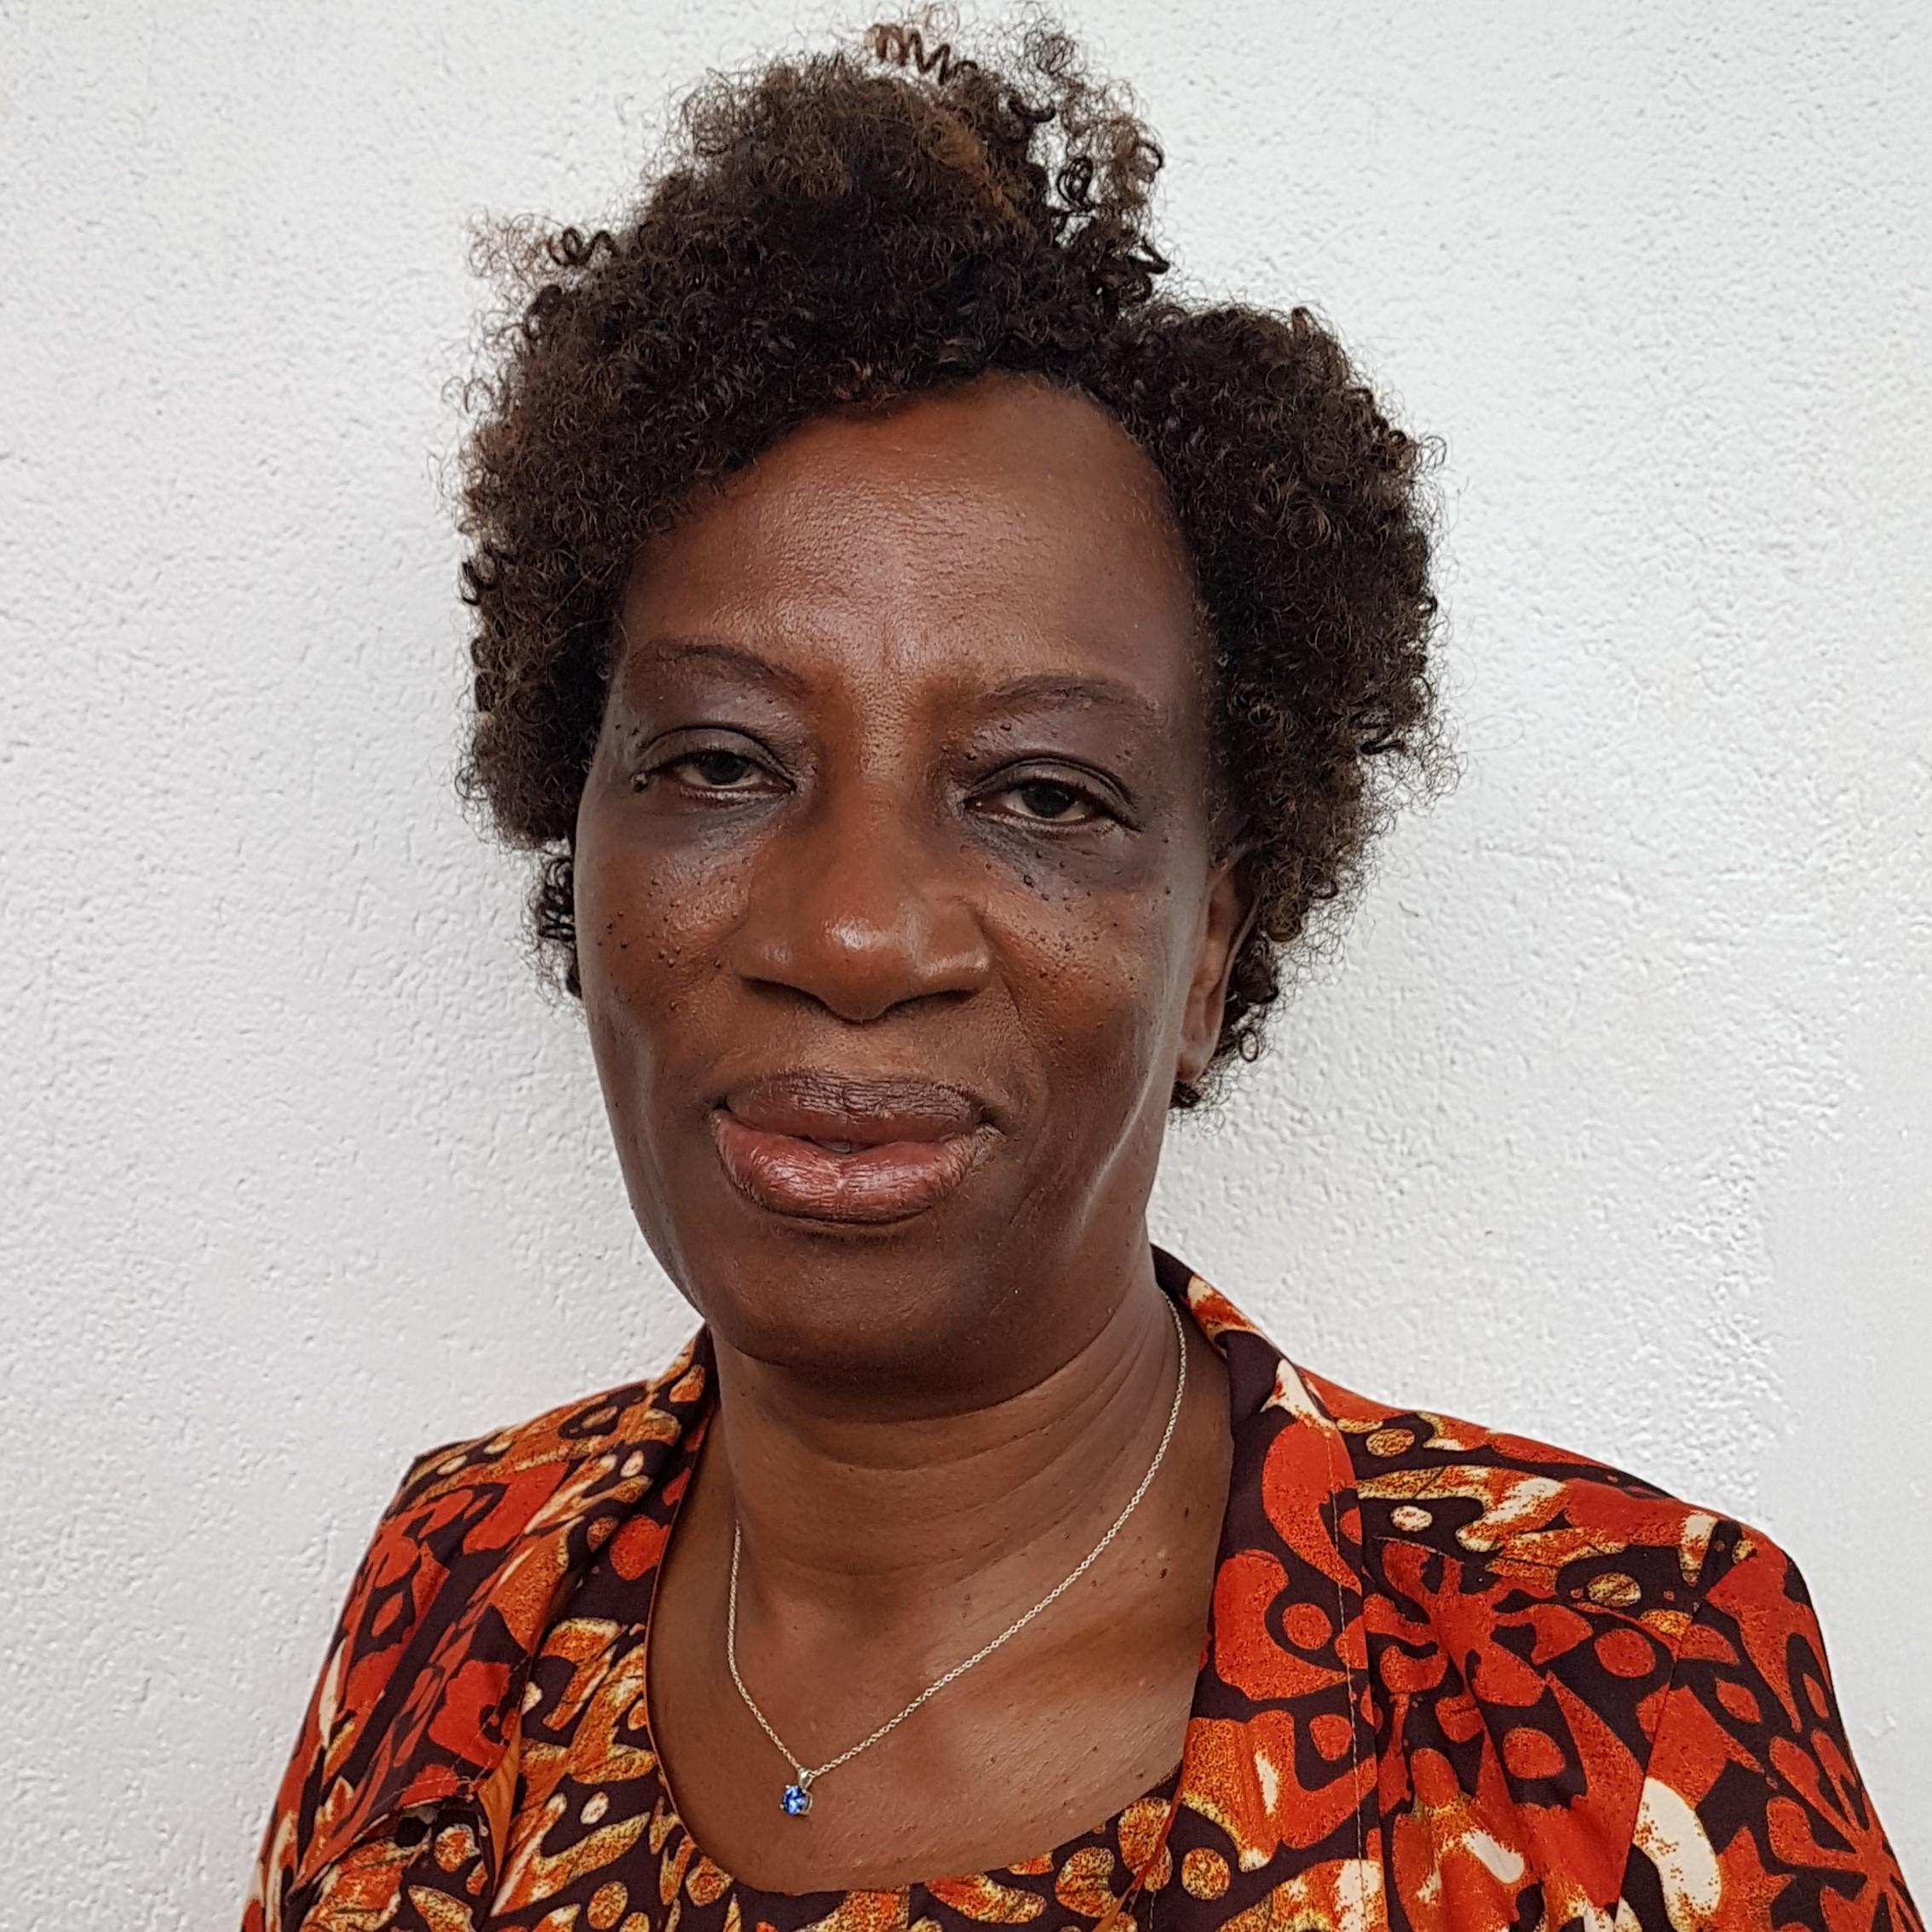 Theonestina Mwasha